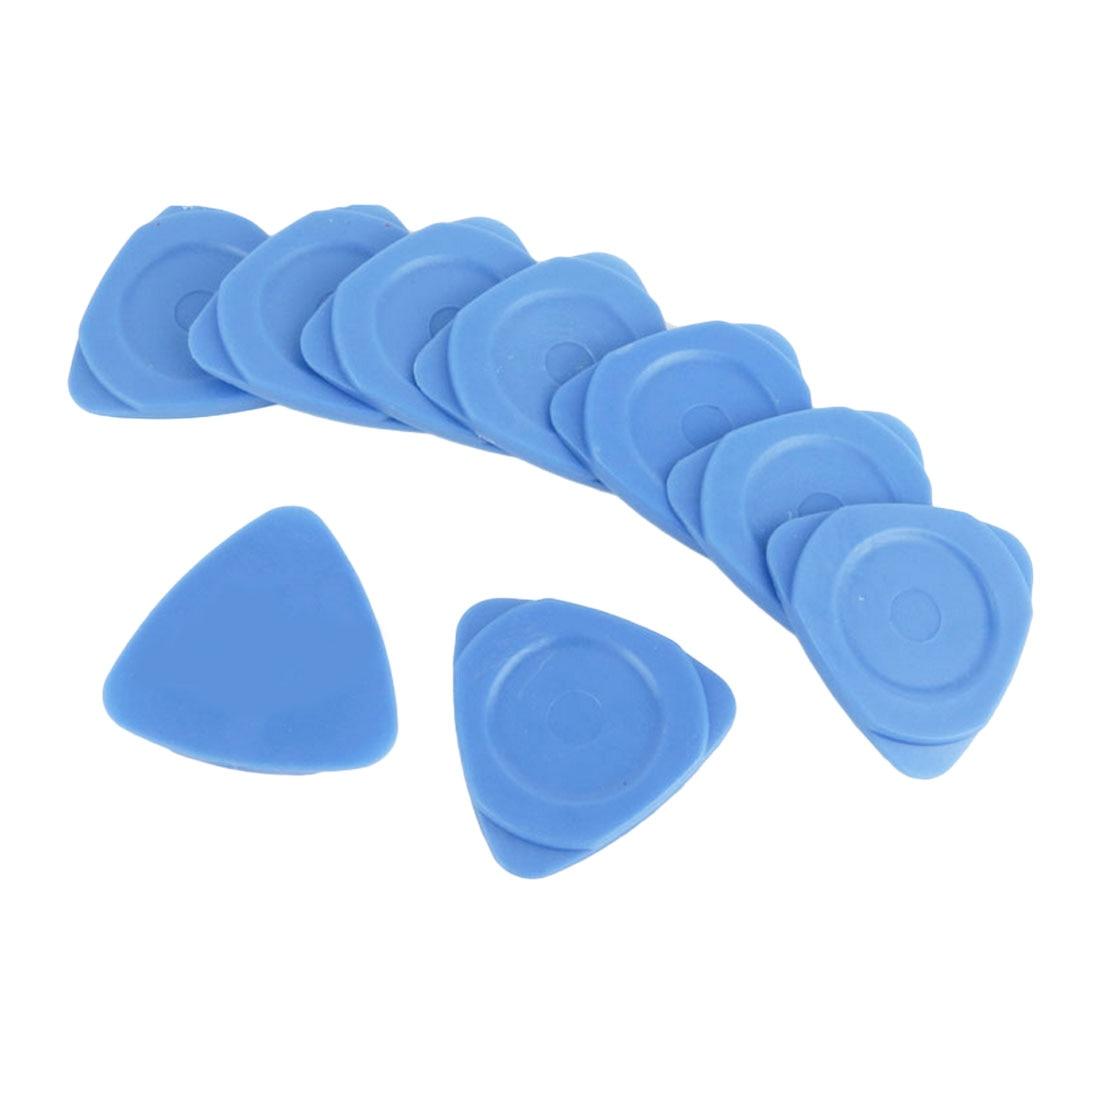 Plastic Guitar Picks 10 PCS Phone Opening Tools Pry Opener for iPhone iPad Tablet PC Disassemble Repair Tool Kit(China)